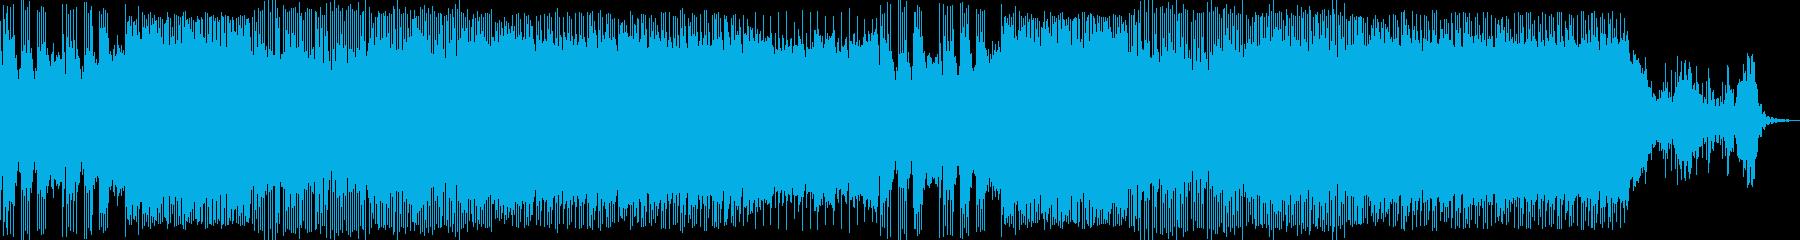 落ち着きのある和風ハウス 生演奏三味線の再生済みの波形